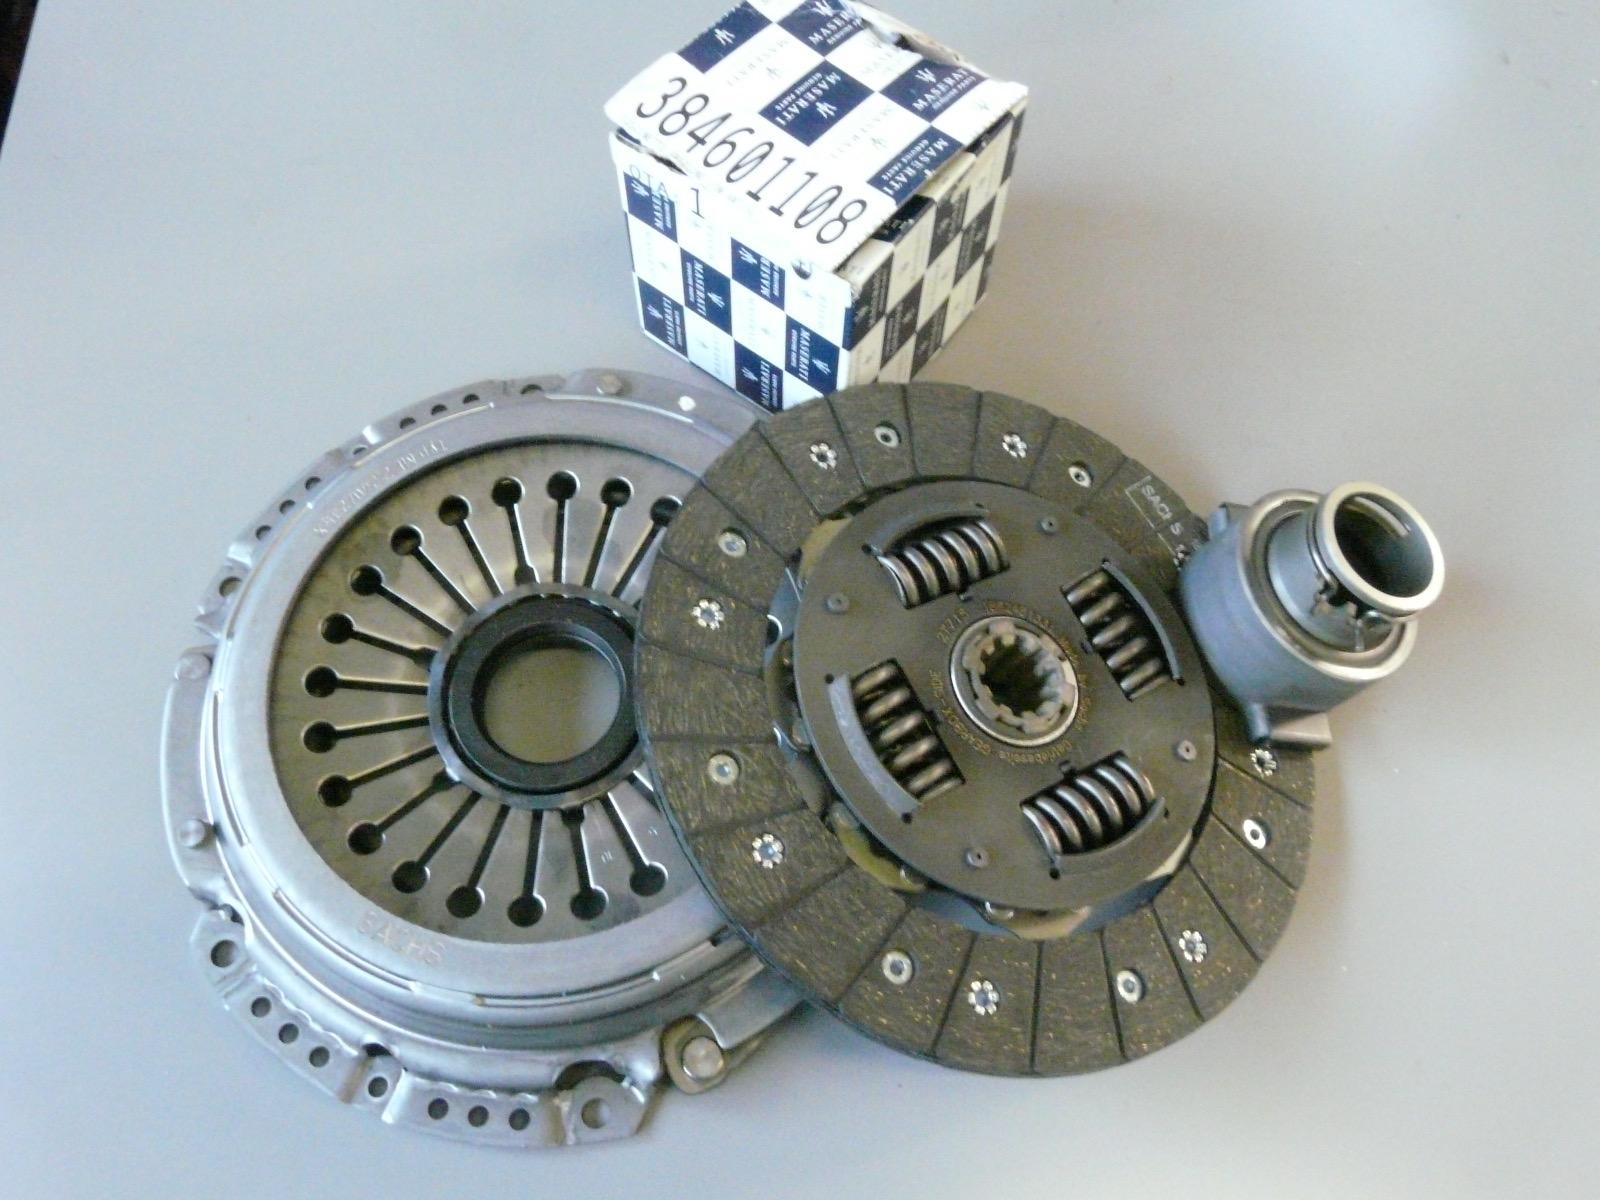 02 Clutches : MaseratiSpares, Maserati parts, Spares